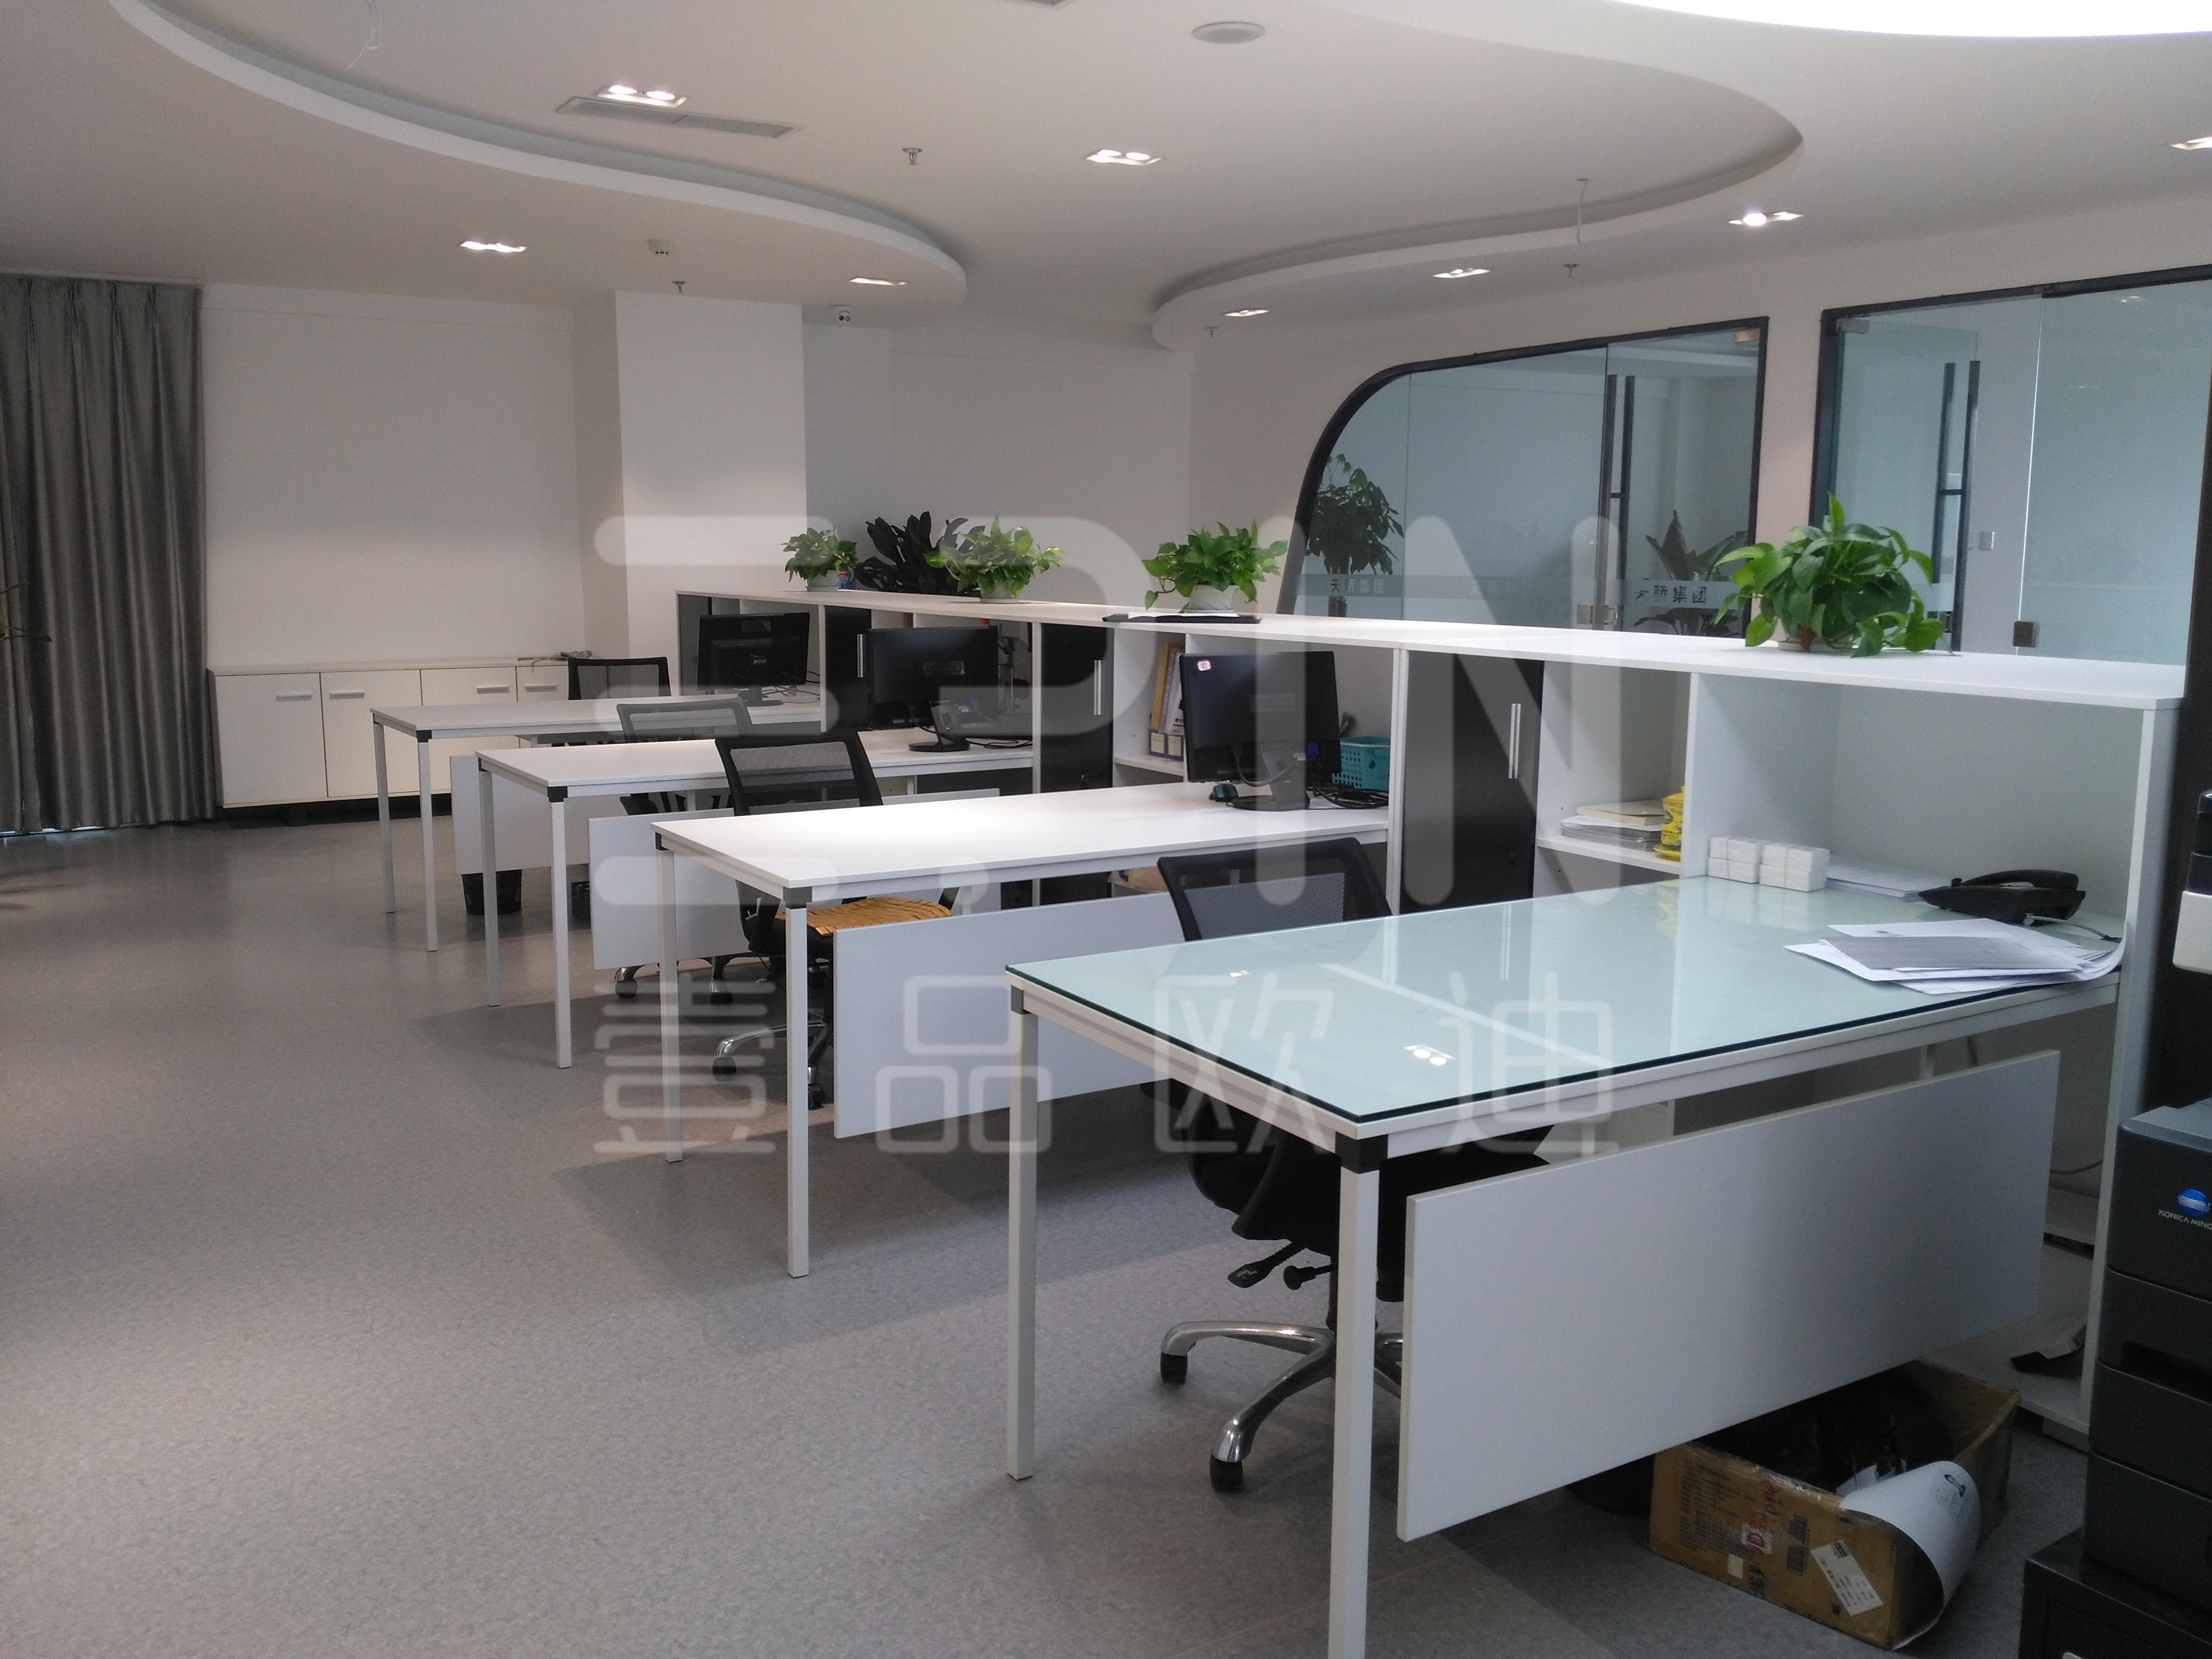 创业型公司企业采购现代办公家具应首先考虑什么?